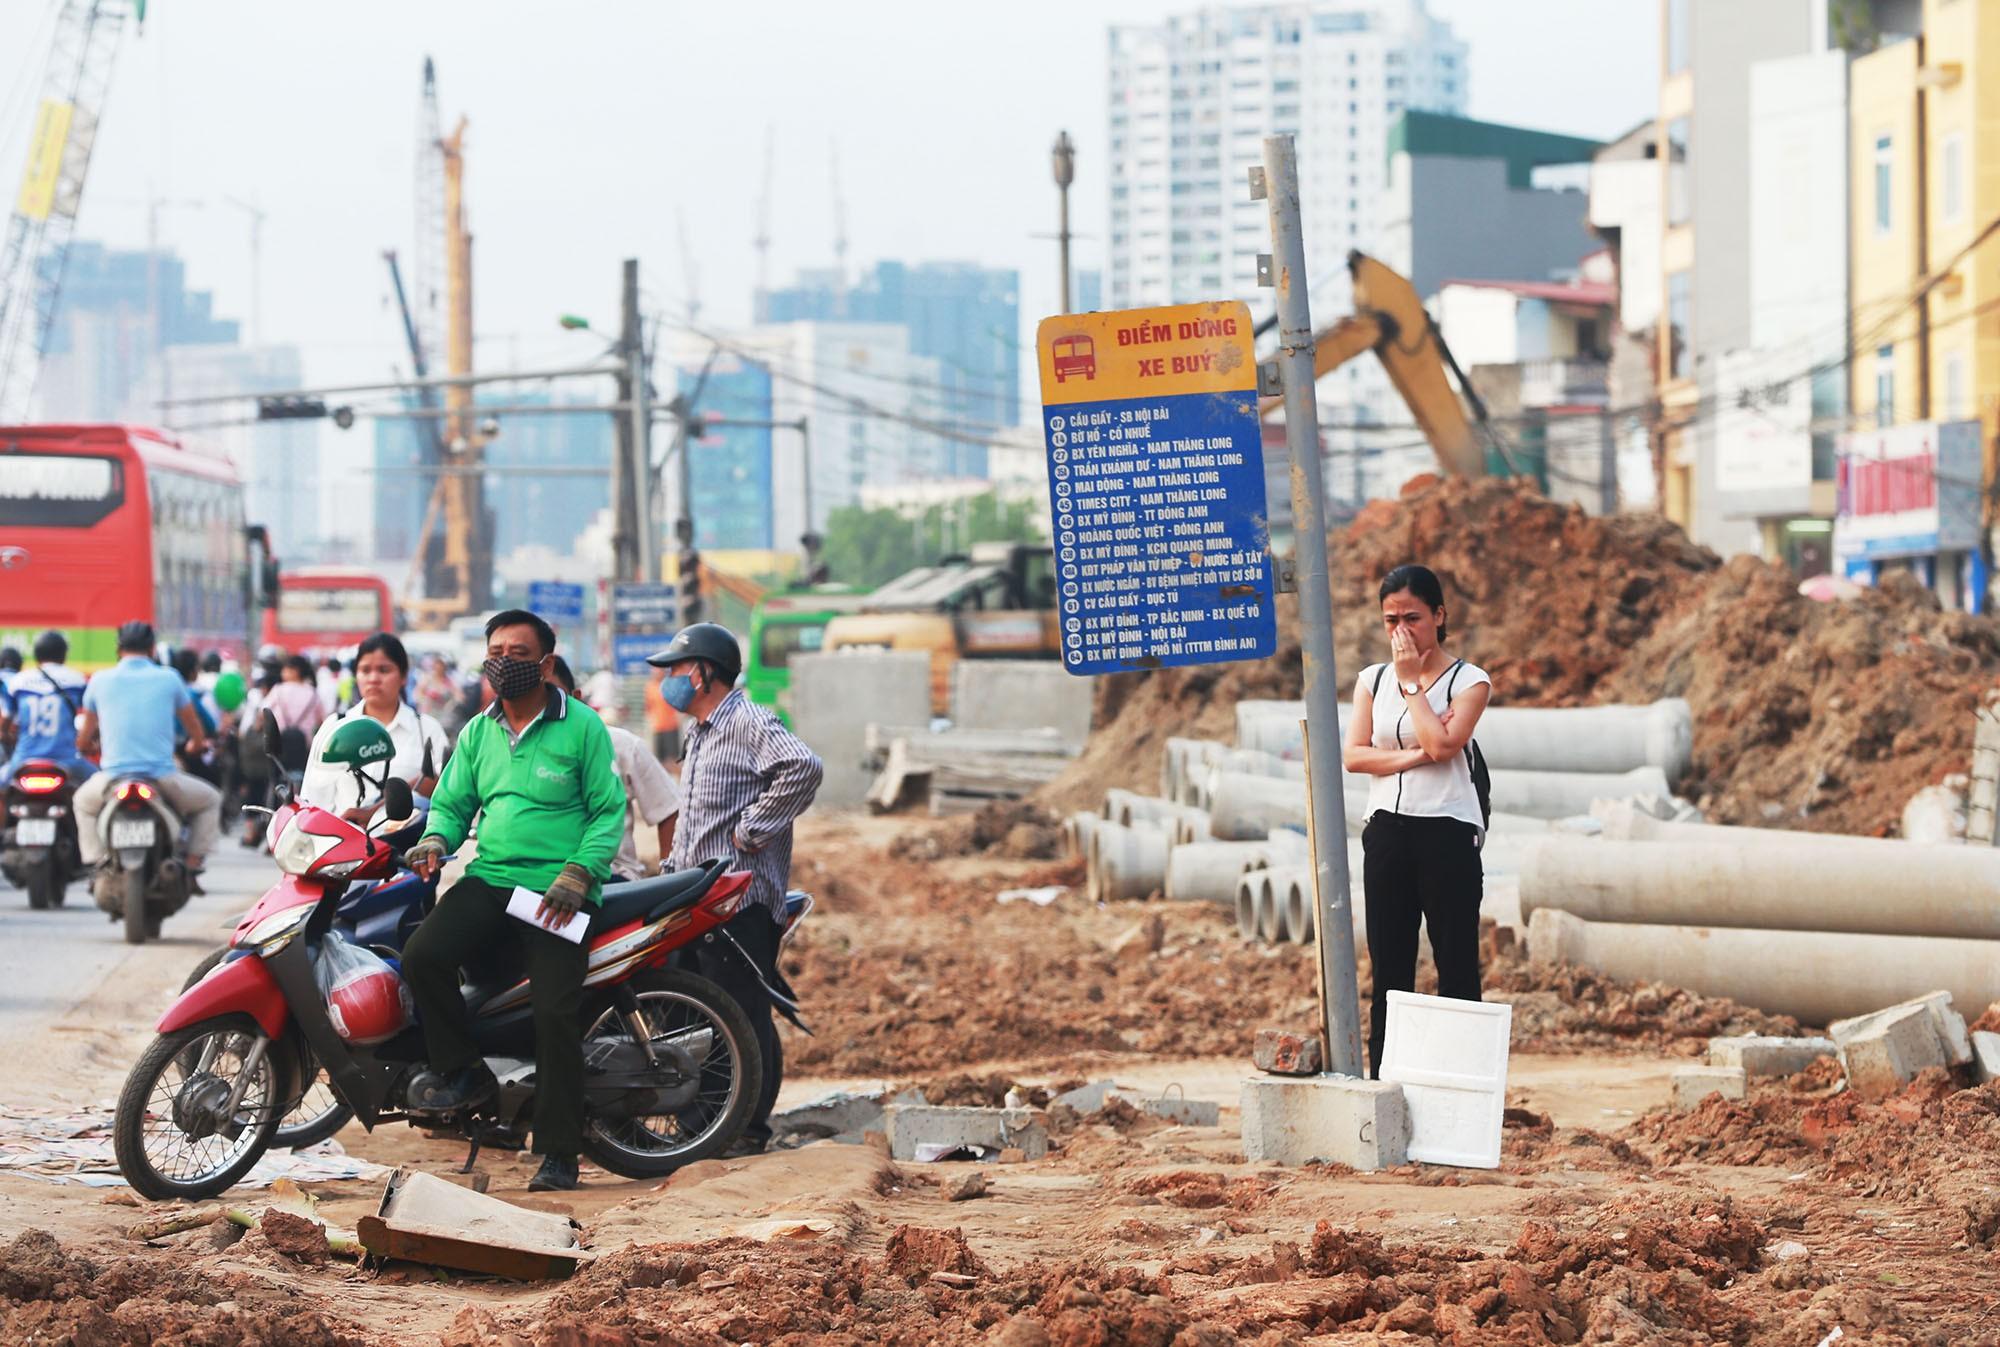 Hà Nội: Đường Phạm Văn Đồng vẫn ngổn ngang hơn 1 năm thi công dự án cao tốc trên cao - Ảnh 7.